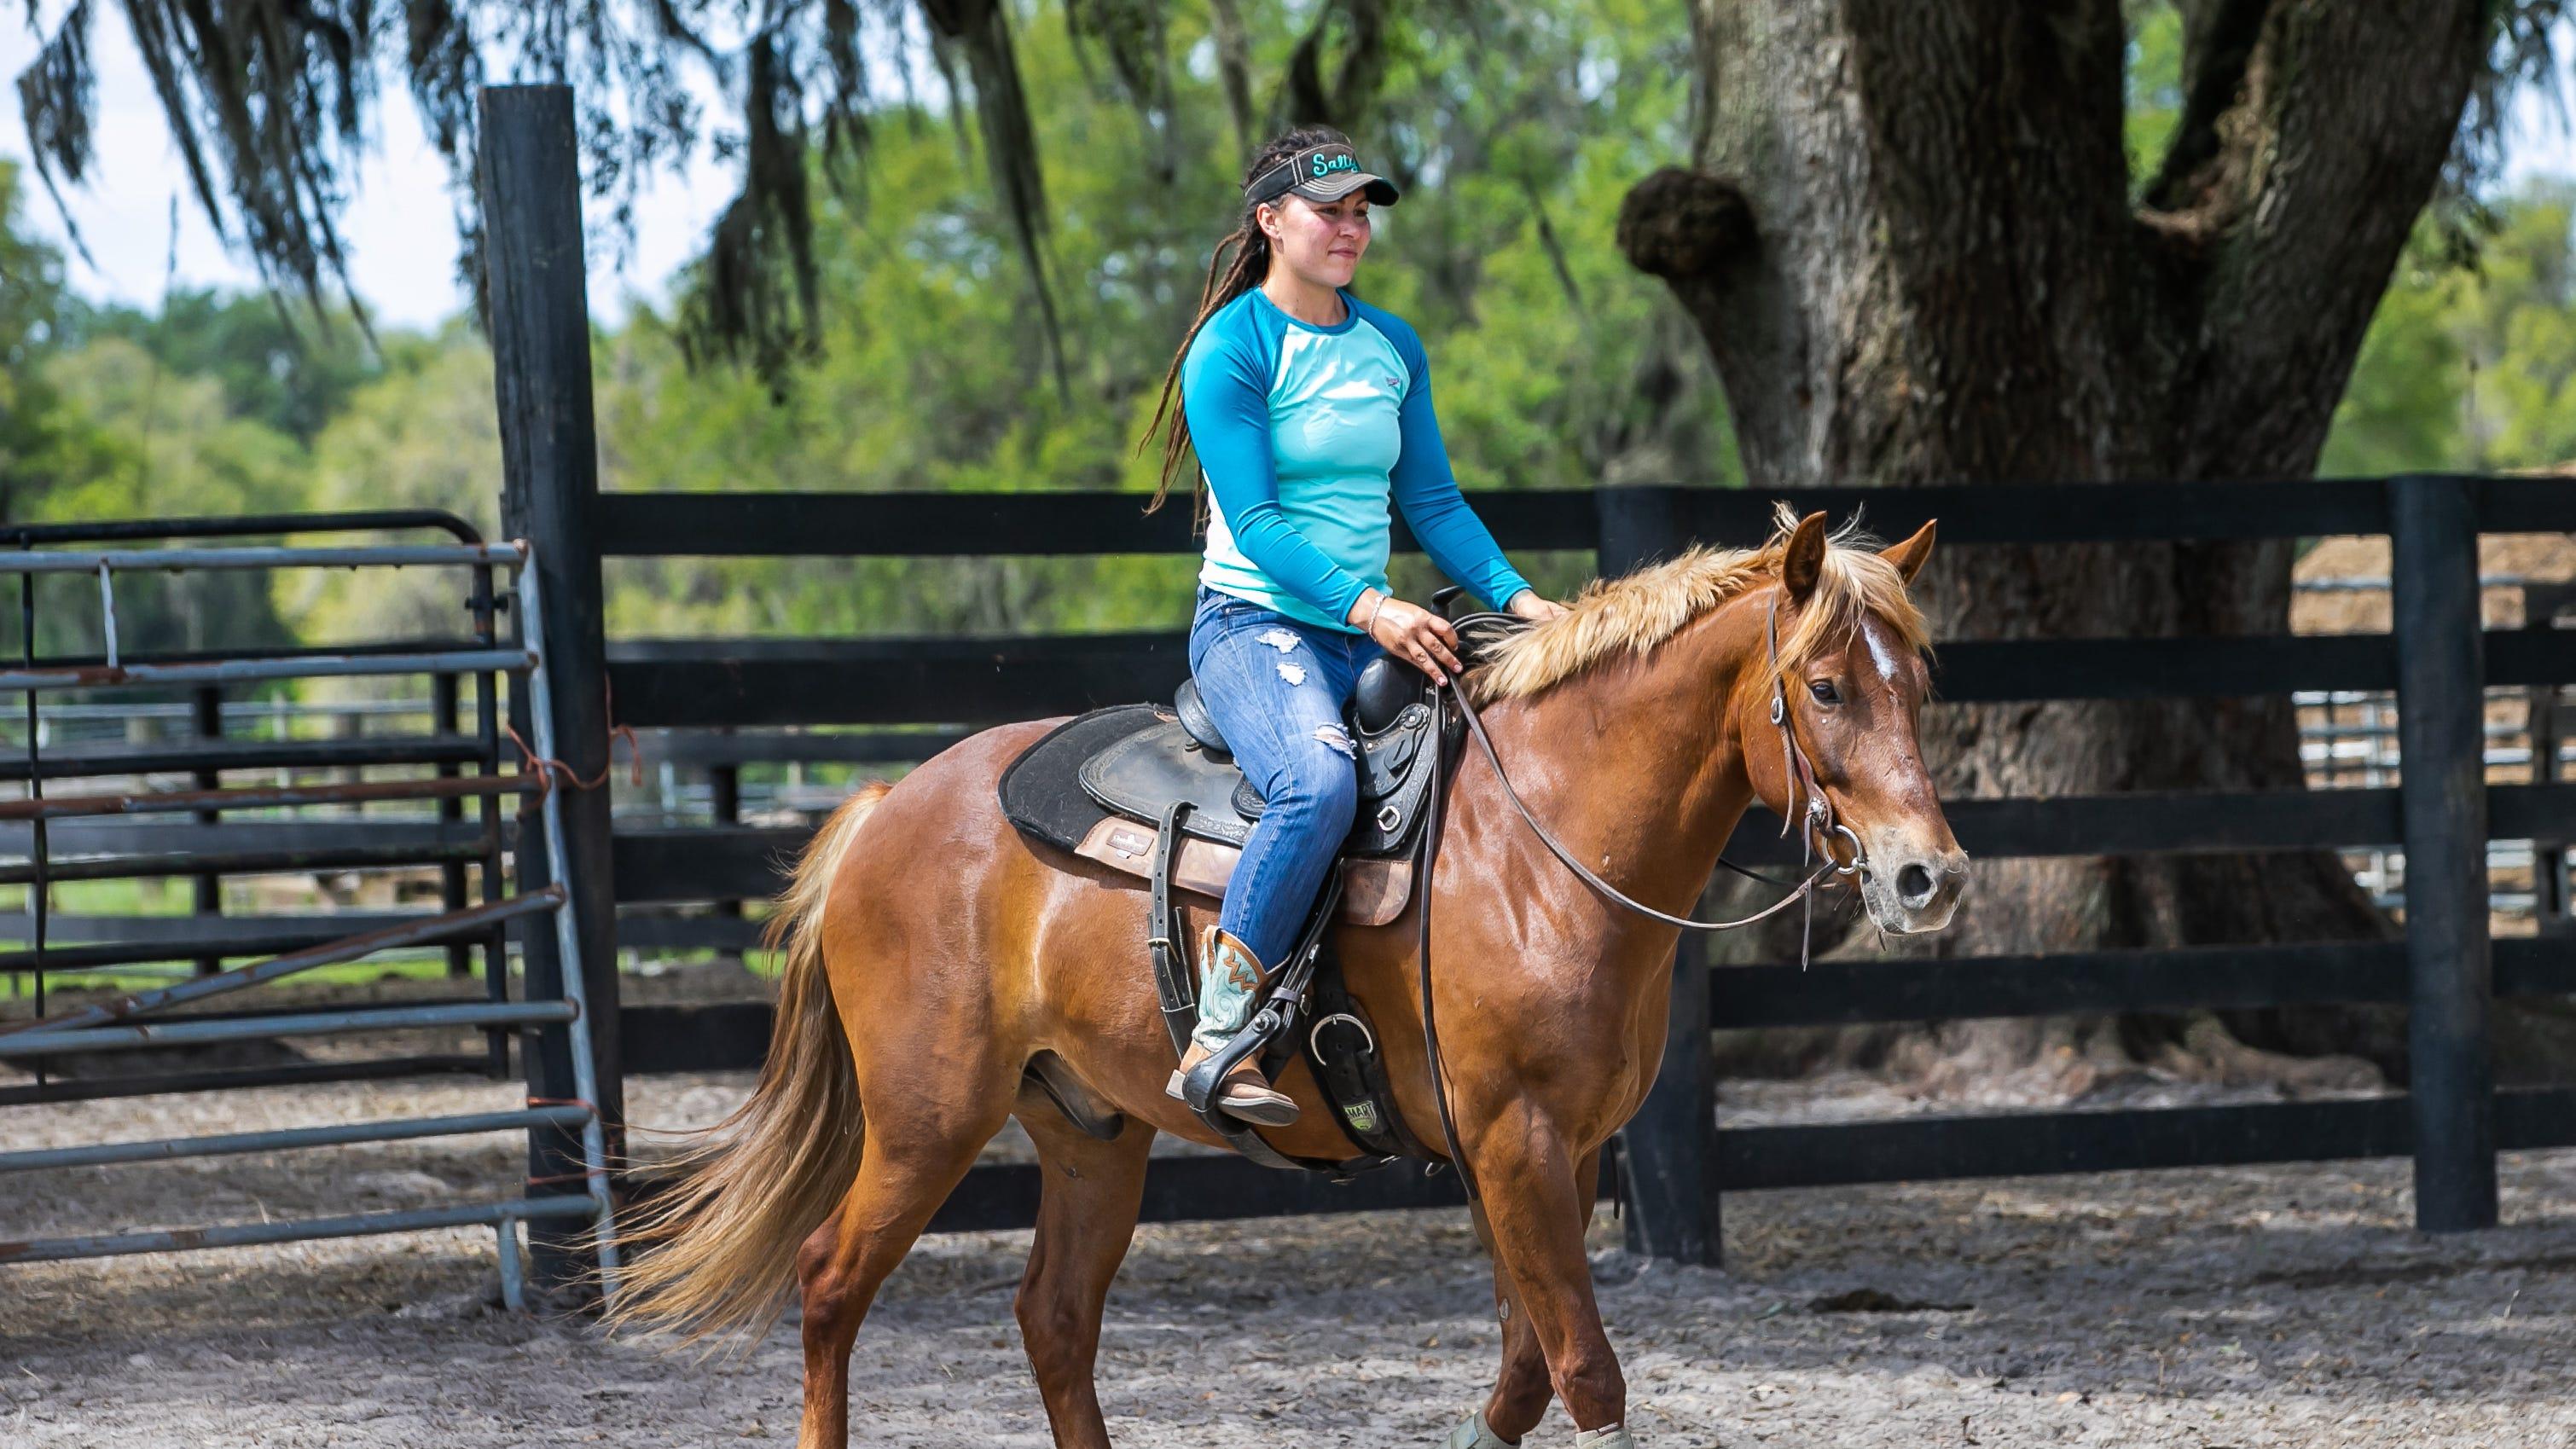 L'entraîneur de chevaux Kelby Farnsworth du Wild Horse Rescue Center à Webster promène Buck, un mustang de 5 ans, dans l'enclos rond le 28 avril.  Le département de police de Miami recherche Buck pour une utilisation possible dans le contrôle des foules.